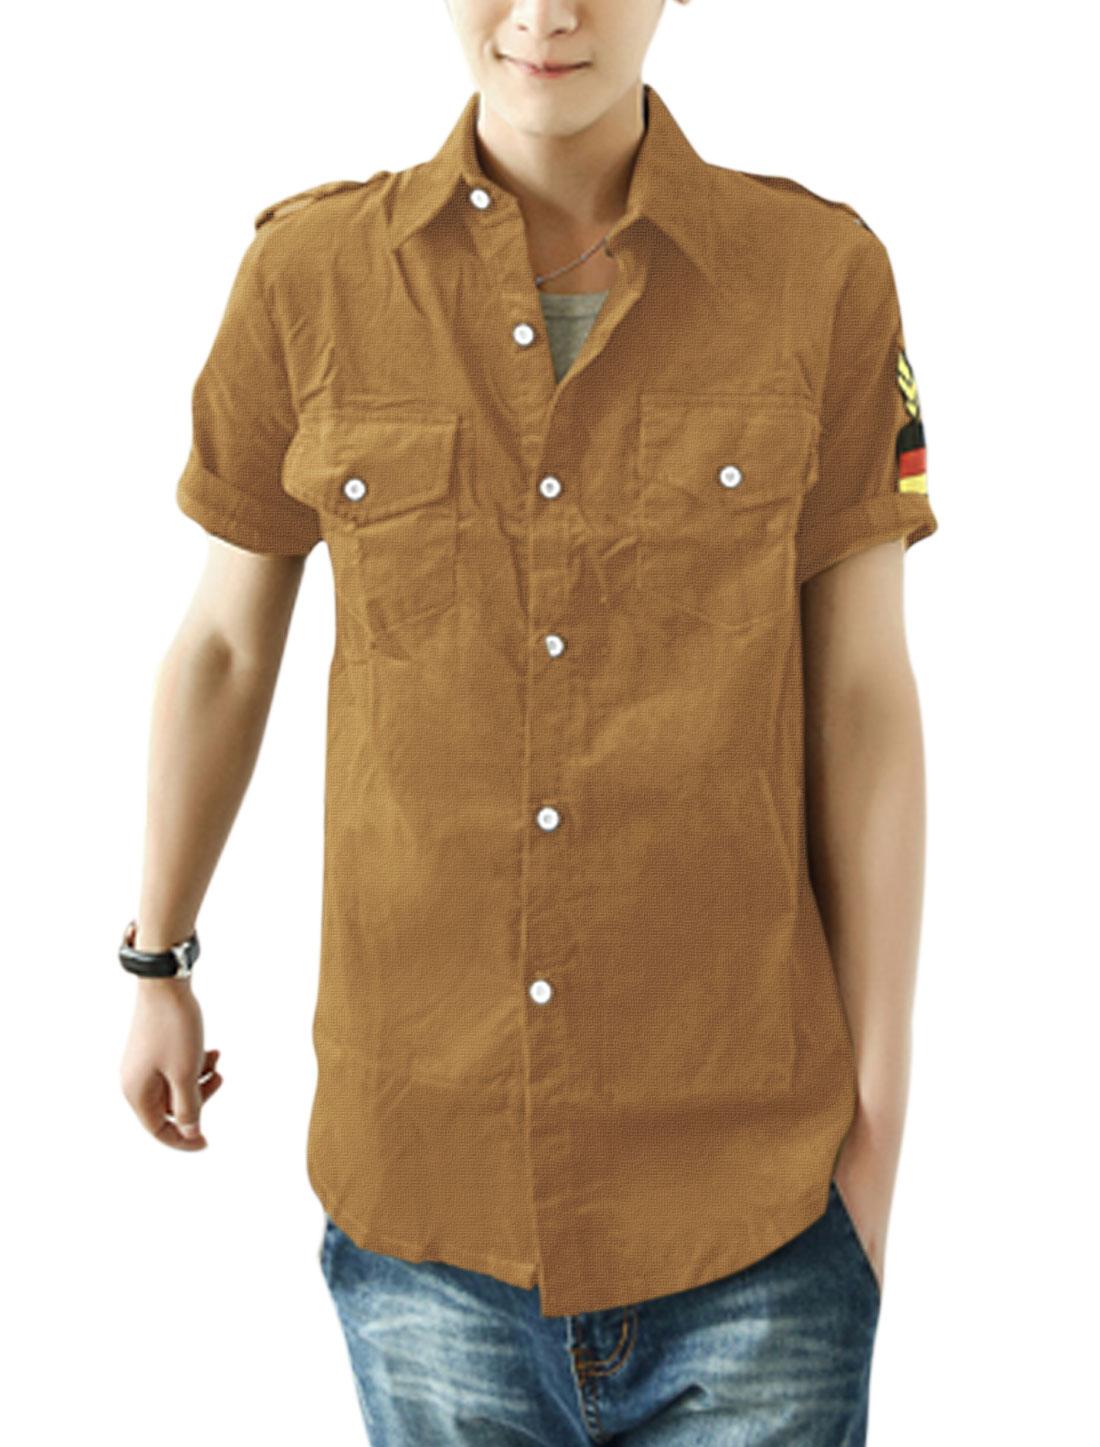 Men Point Collar Button Closure Epaulette Decor Shirt Camel M